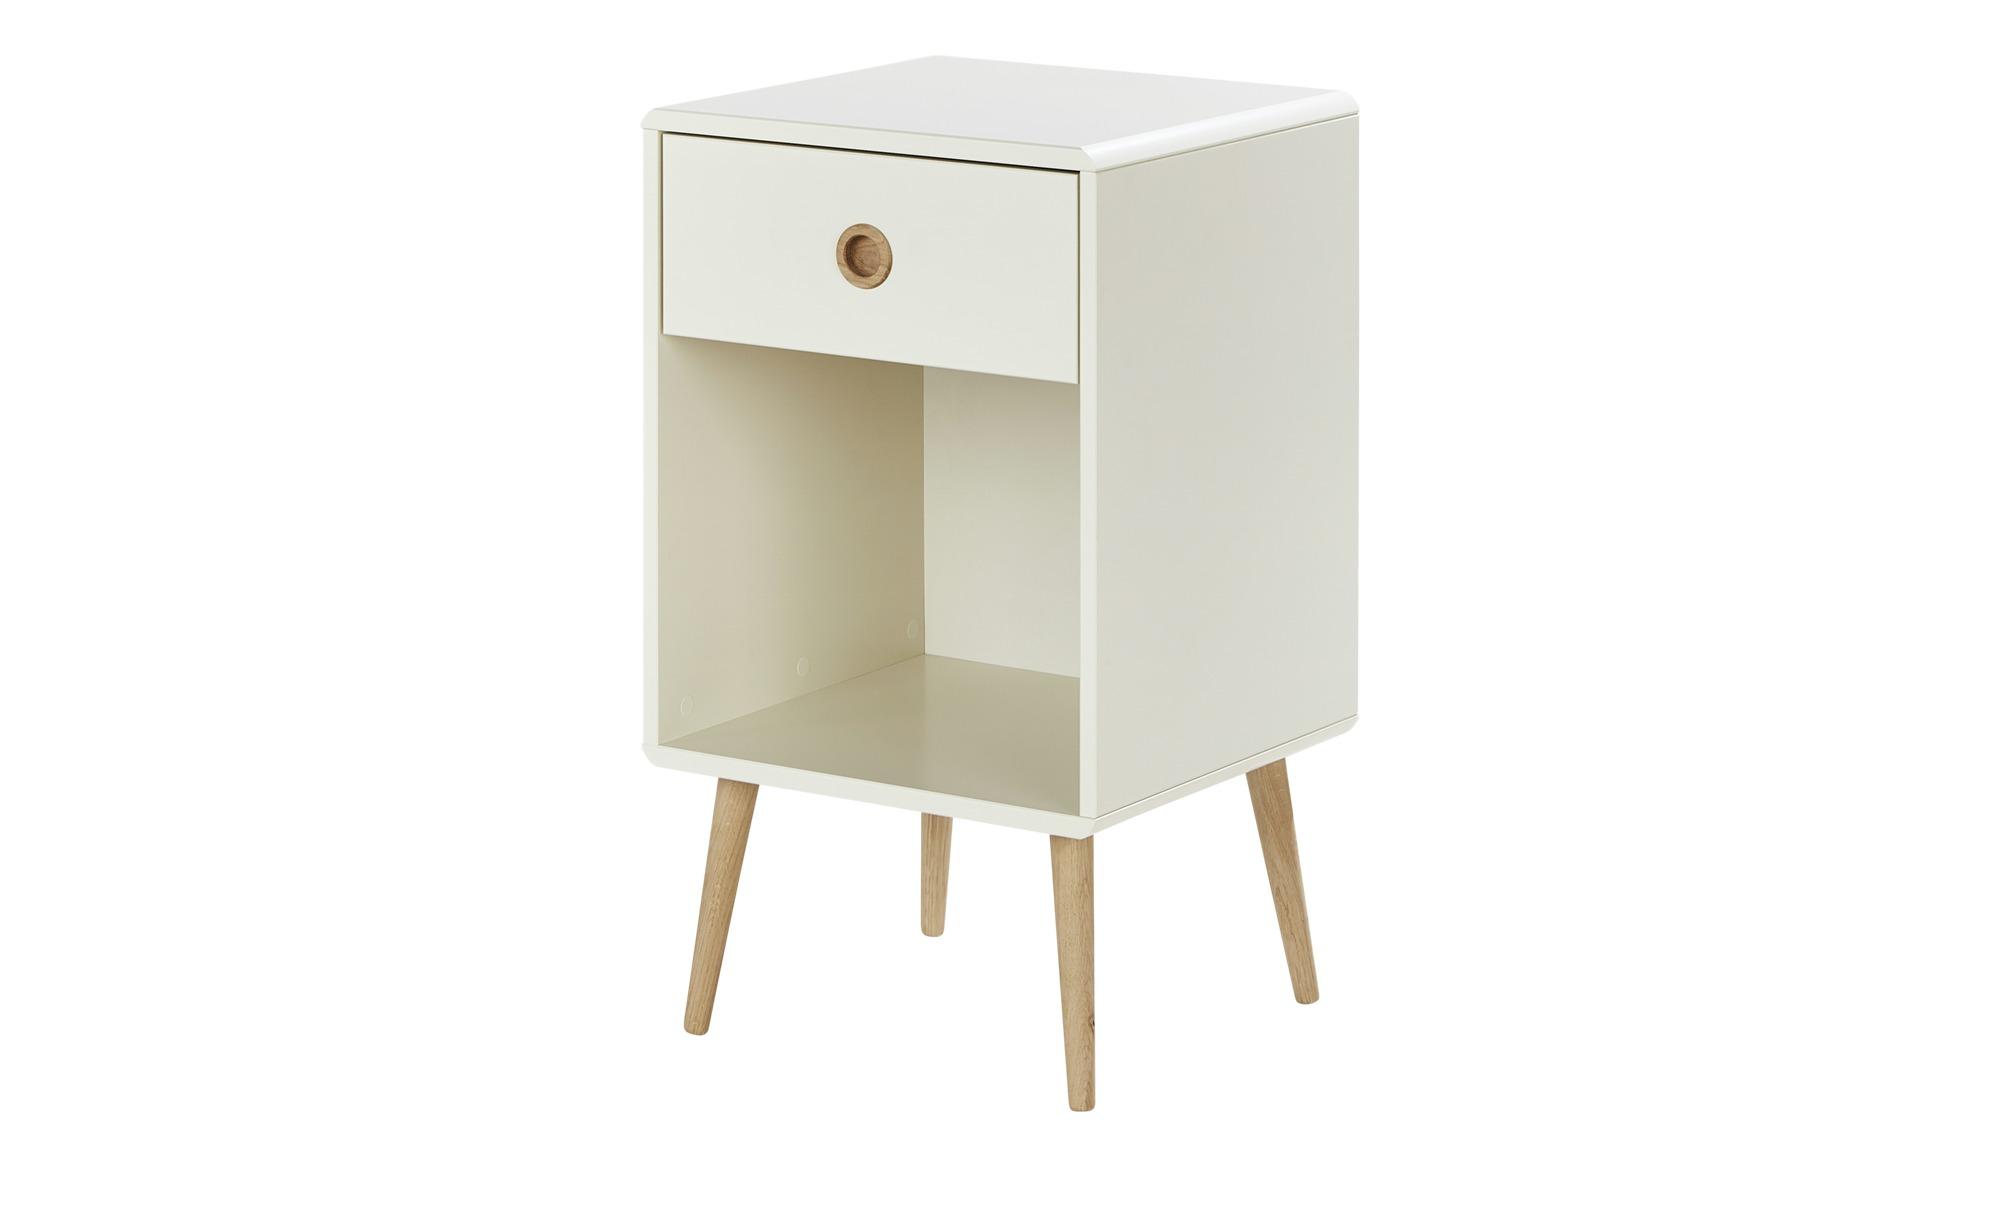 Nachttisch - weiß - 41,4 cm - 73,2 cm - 39,6 cm - Sconto   Schlafzimmer > Nachttische   Sconto